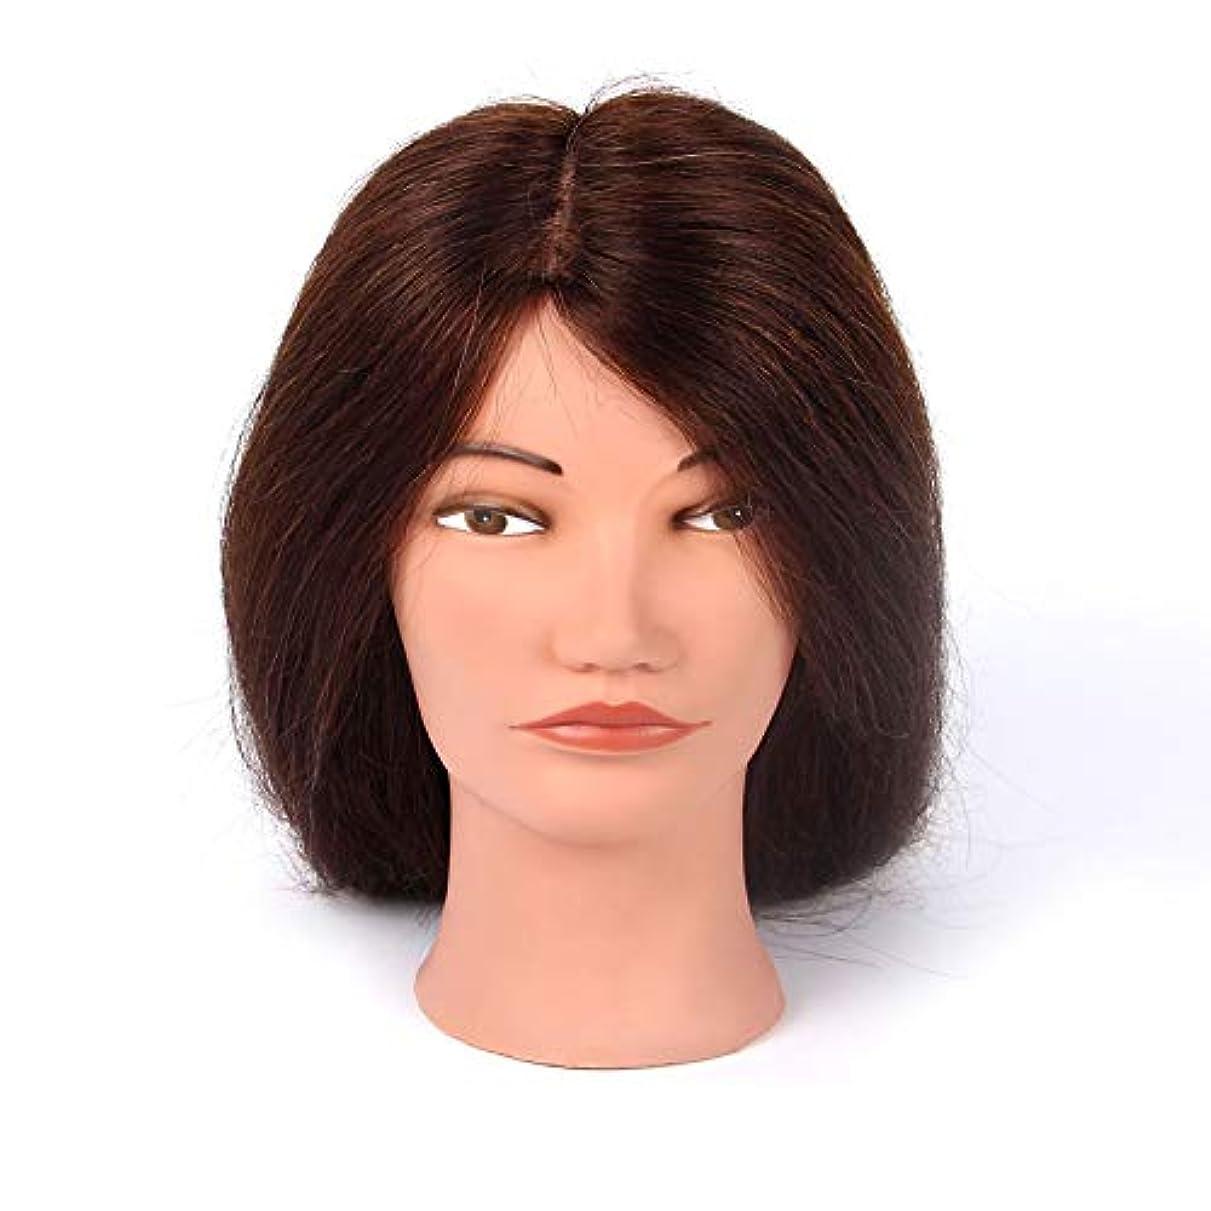 いつでも扱いやすいつまらない理髪練習ヘッド吹くホットロールダミーヘッドパーマ髪の染め指導ヘッドメイクアップヘアスタイリングモデルヘッド